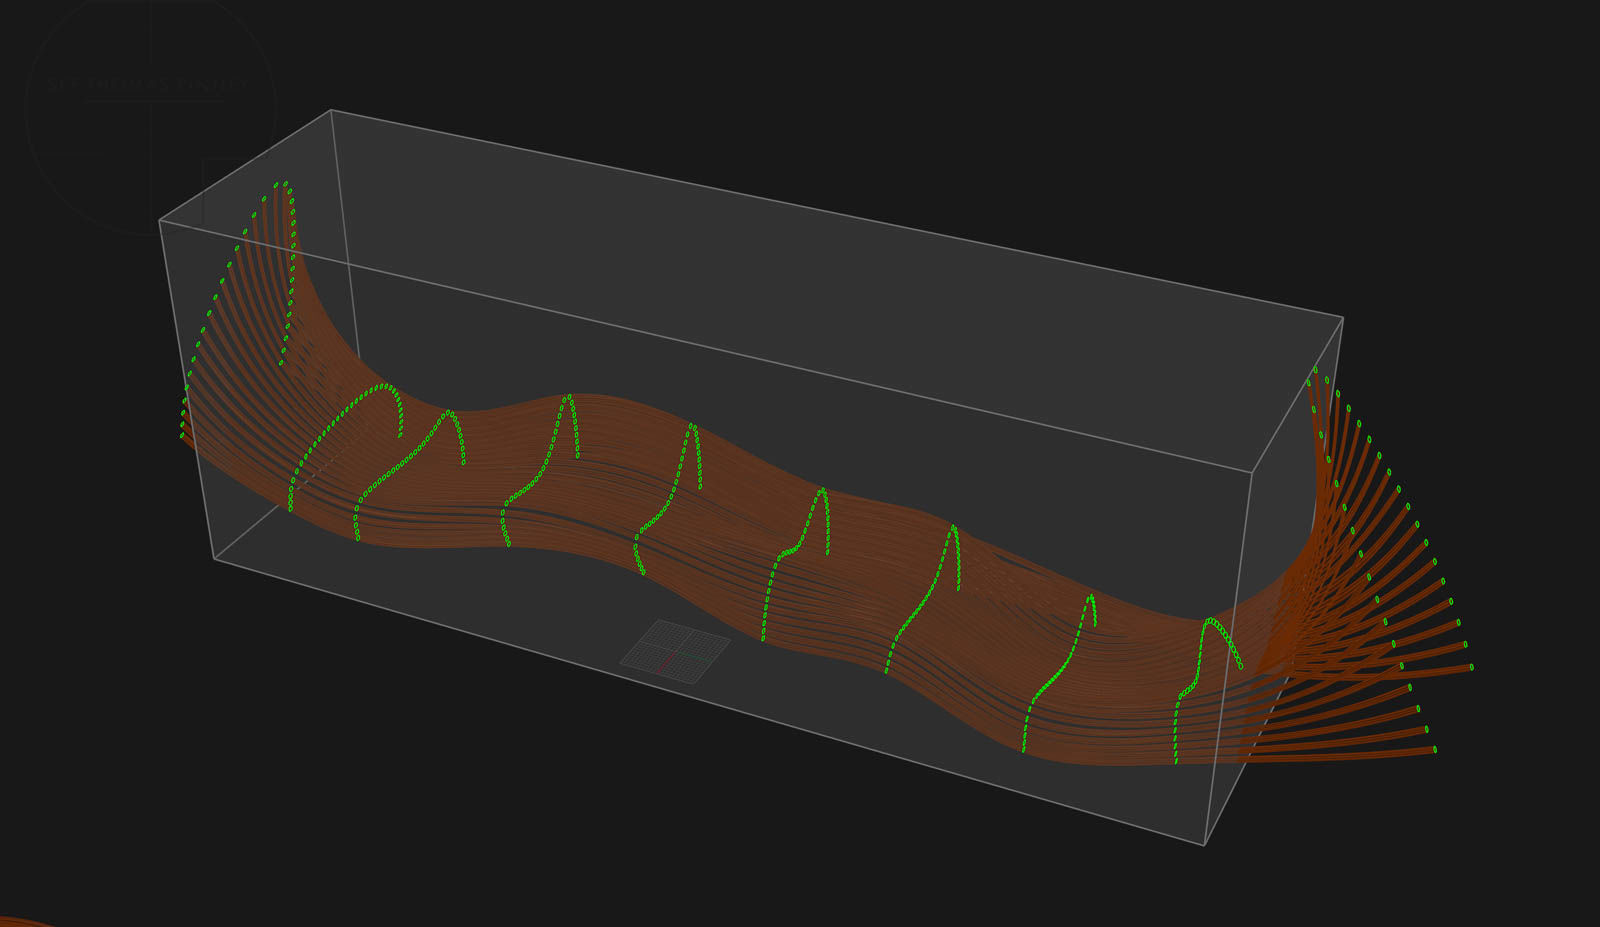 autry-flow-bench-cad-process-02_1600